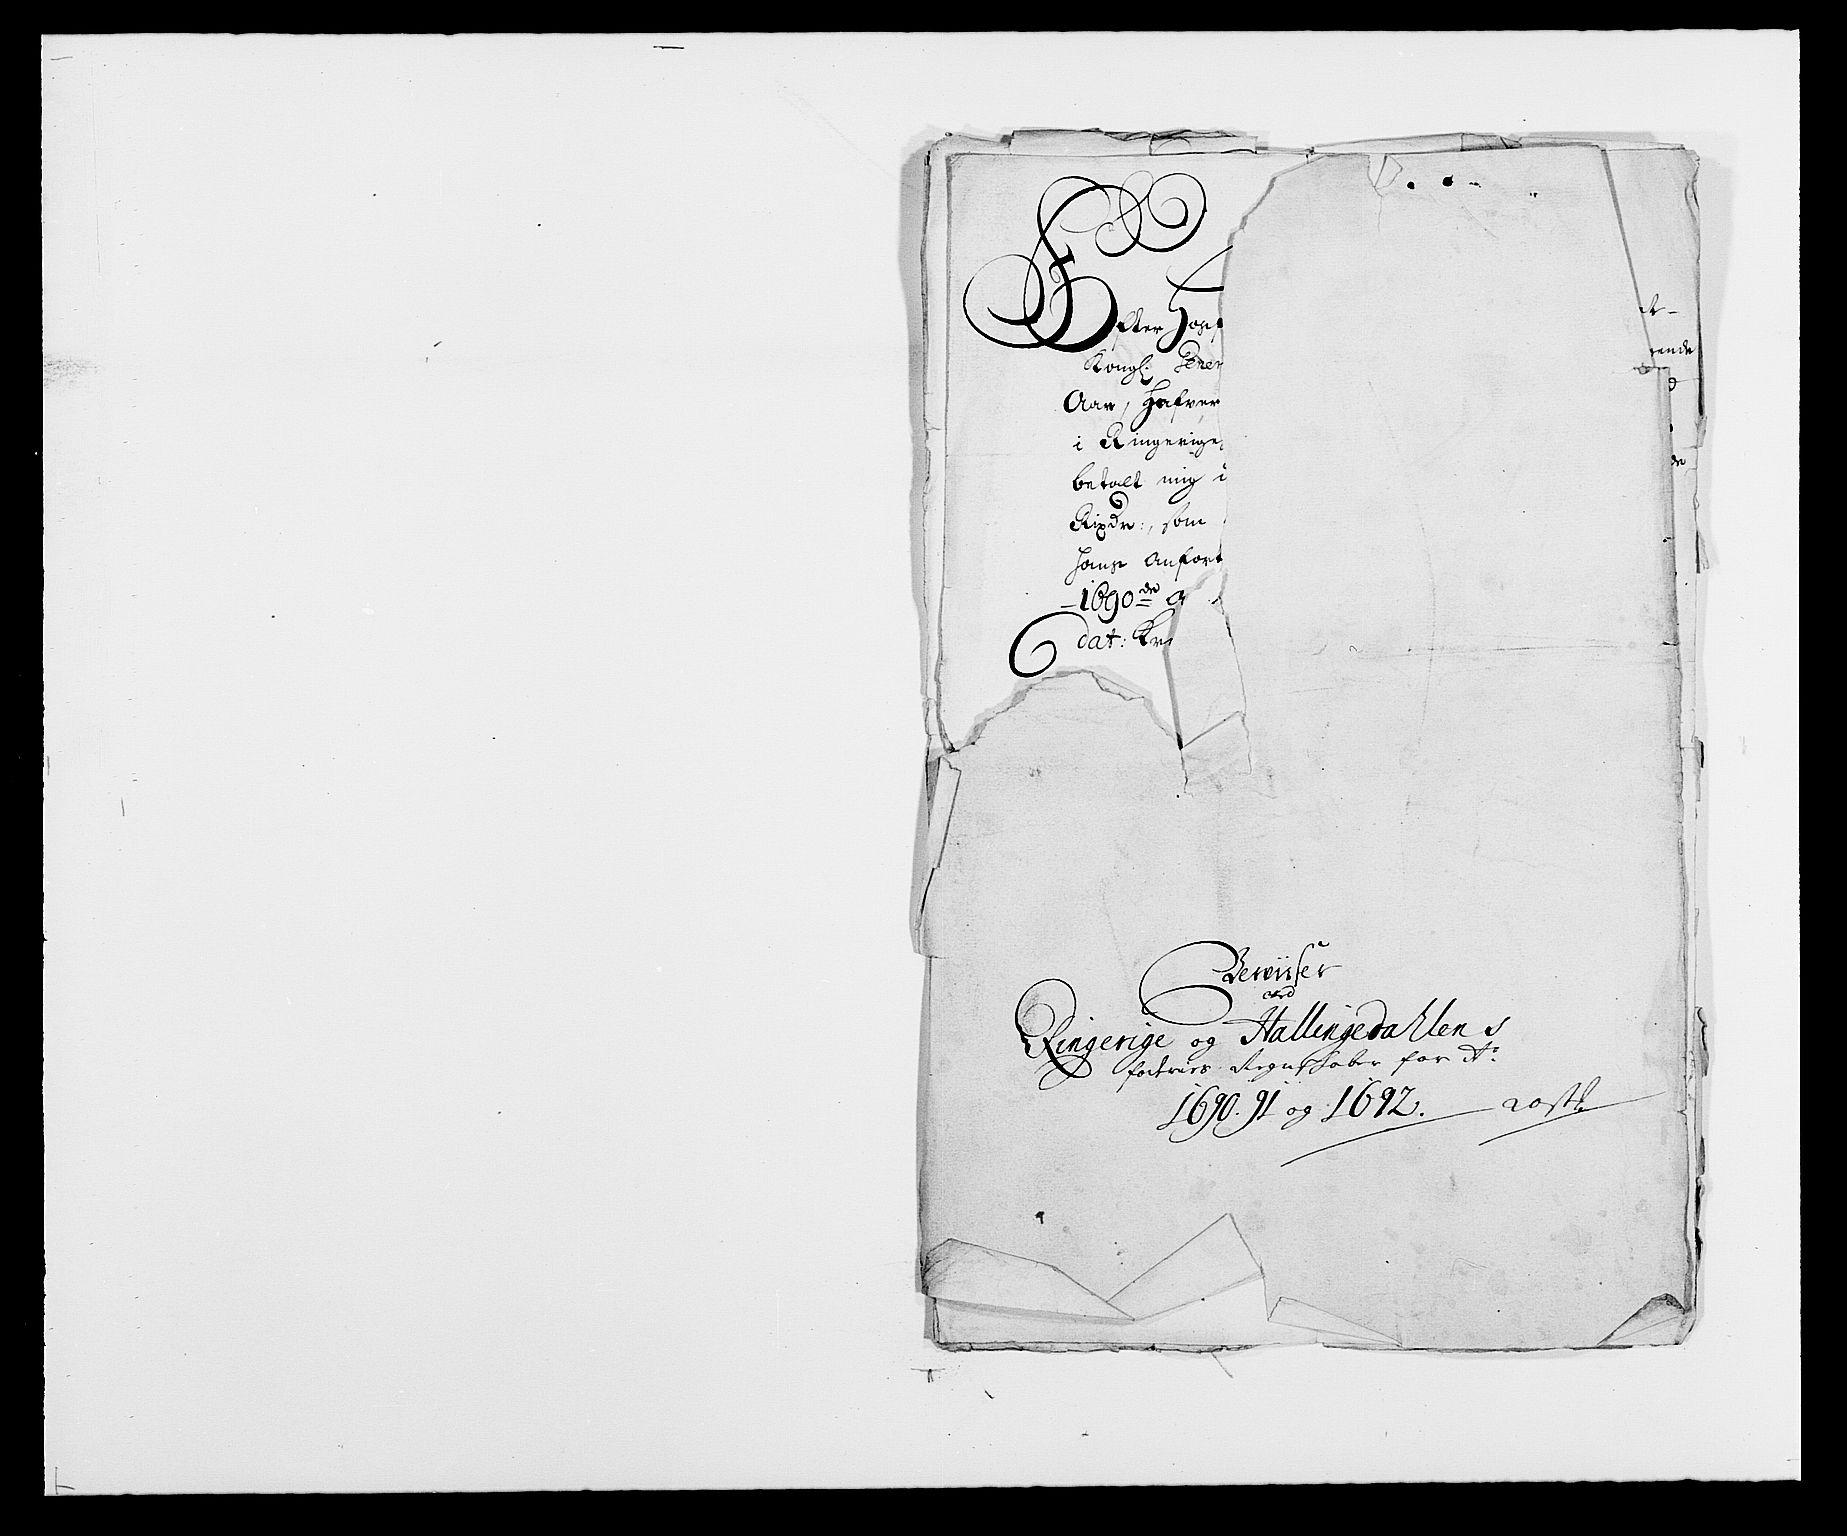 RA, Rentekammeret inntil 1814, Reviderte regnskaper, Fogderegnskap, R21/L1448: Fogderegnskap Ringerike og Hallingdal, 1690-1692, s. 122